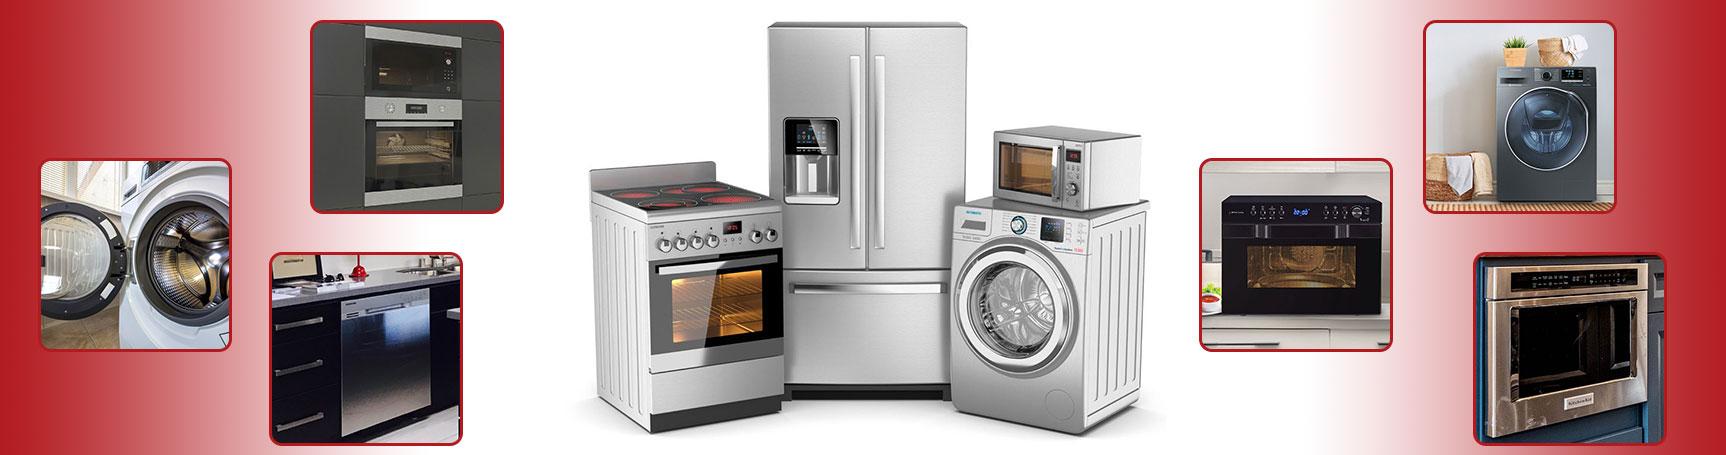 Genuine Appliances spare parts